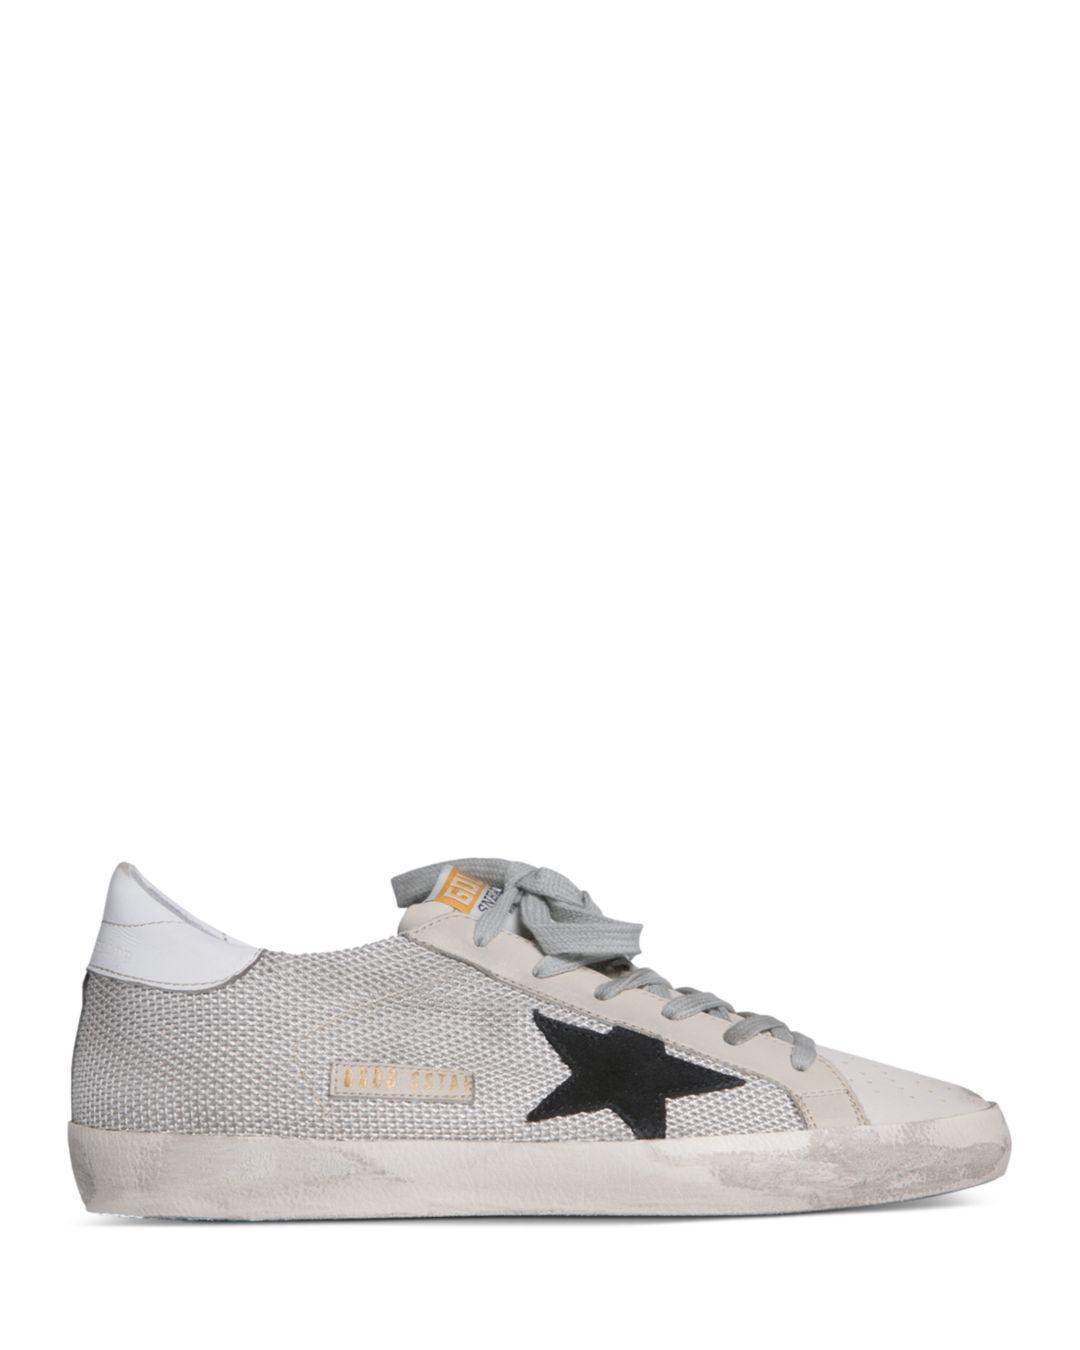 e0328363b7ba Lyst - Golden Goose Deluxe Brand Men s Superstar Low-top Sneakers in ...